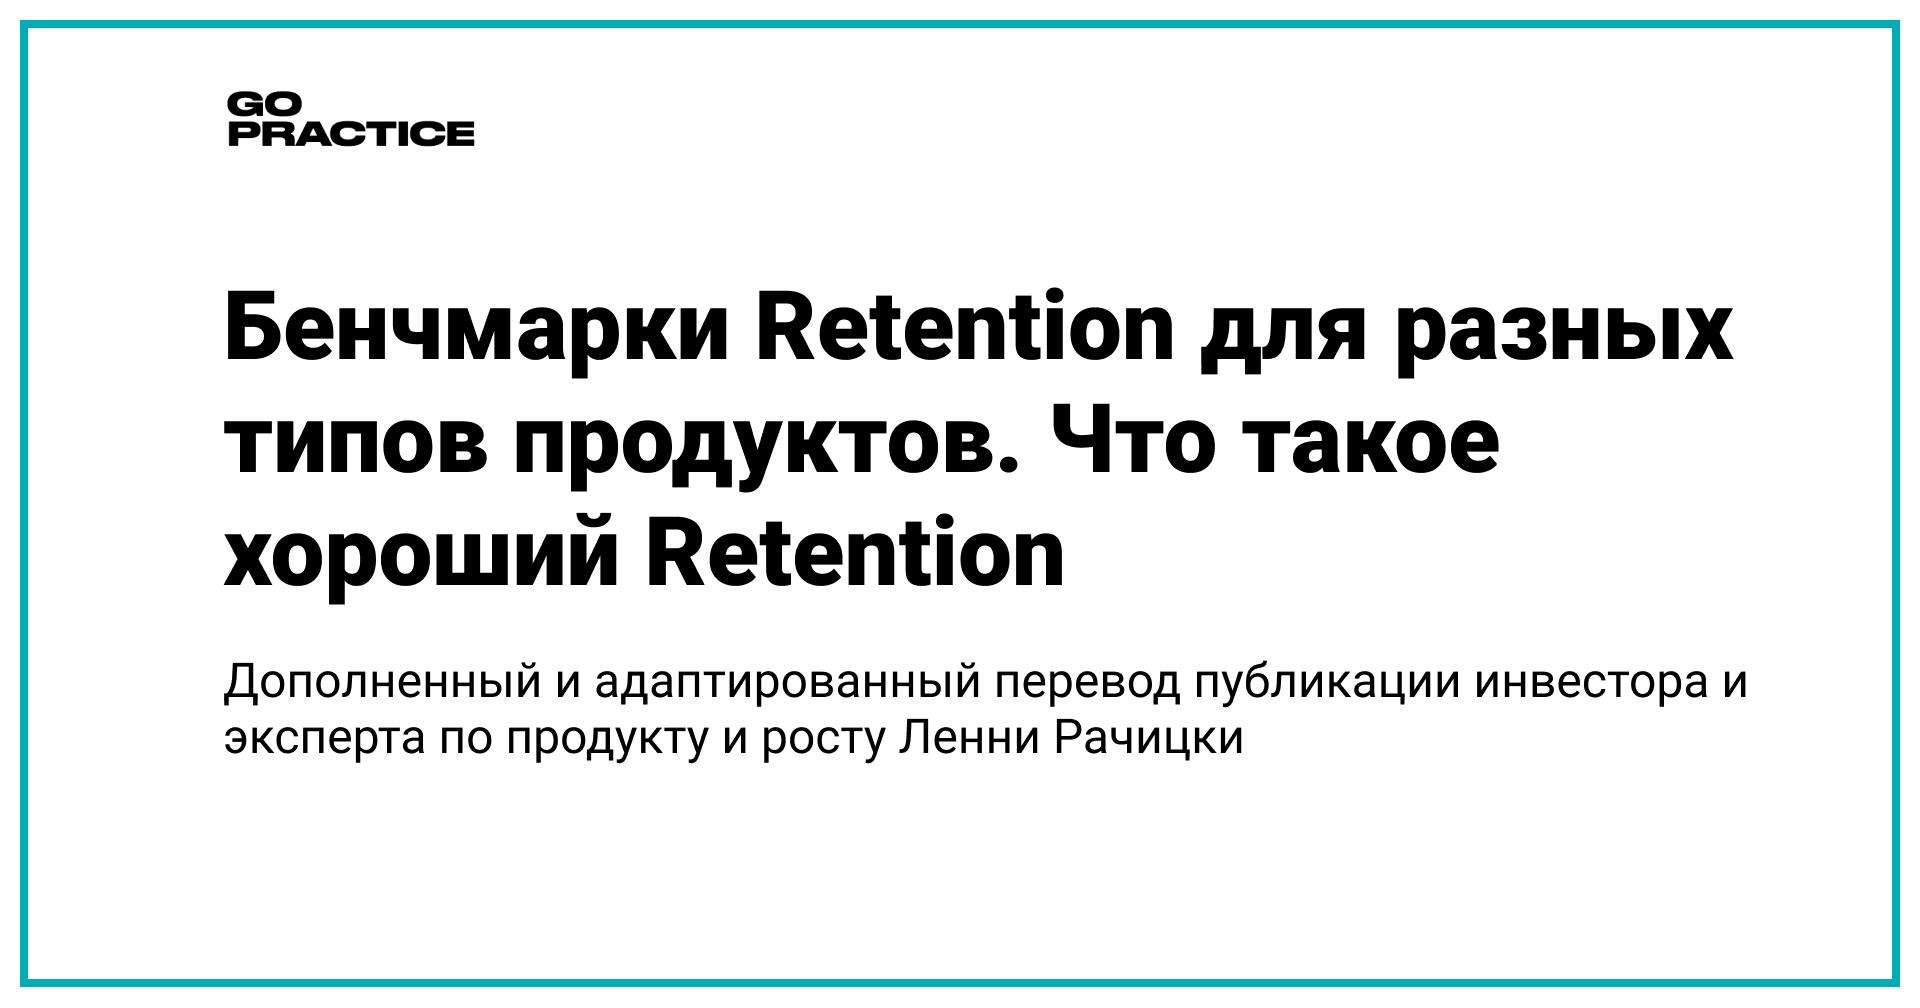 Бенчмарки Retention для разных типов продуктов. Что такое хороший Retention